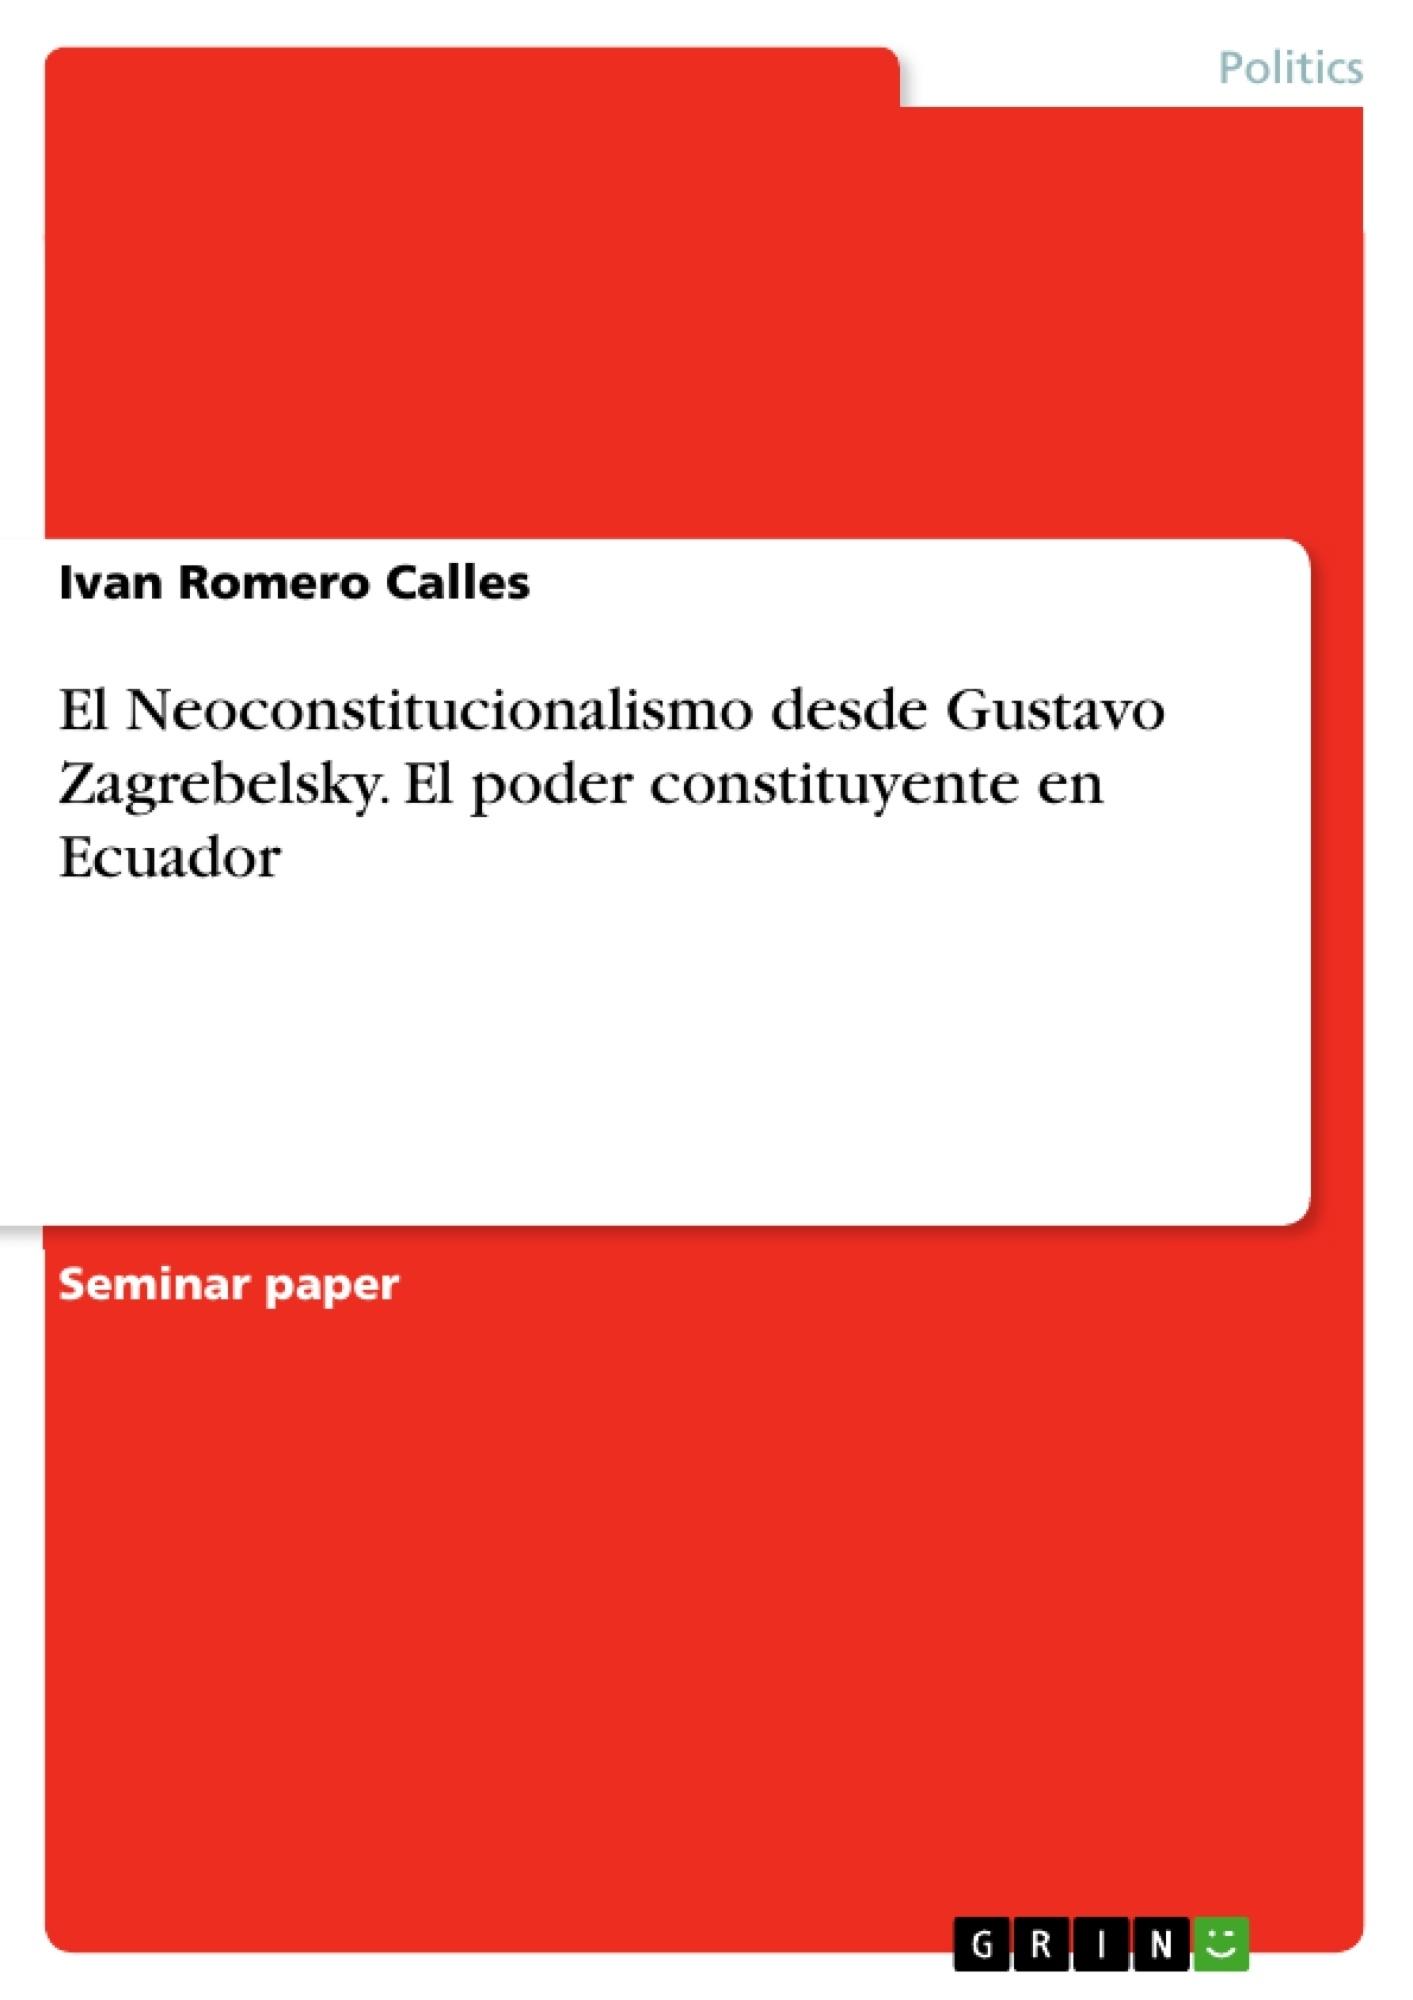 Título: El Neoconstitucionalismo desde Gustavo Zagrebelsky. El poder constituyente en Ecuador